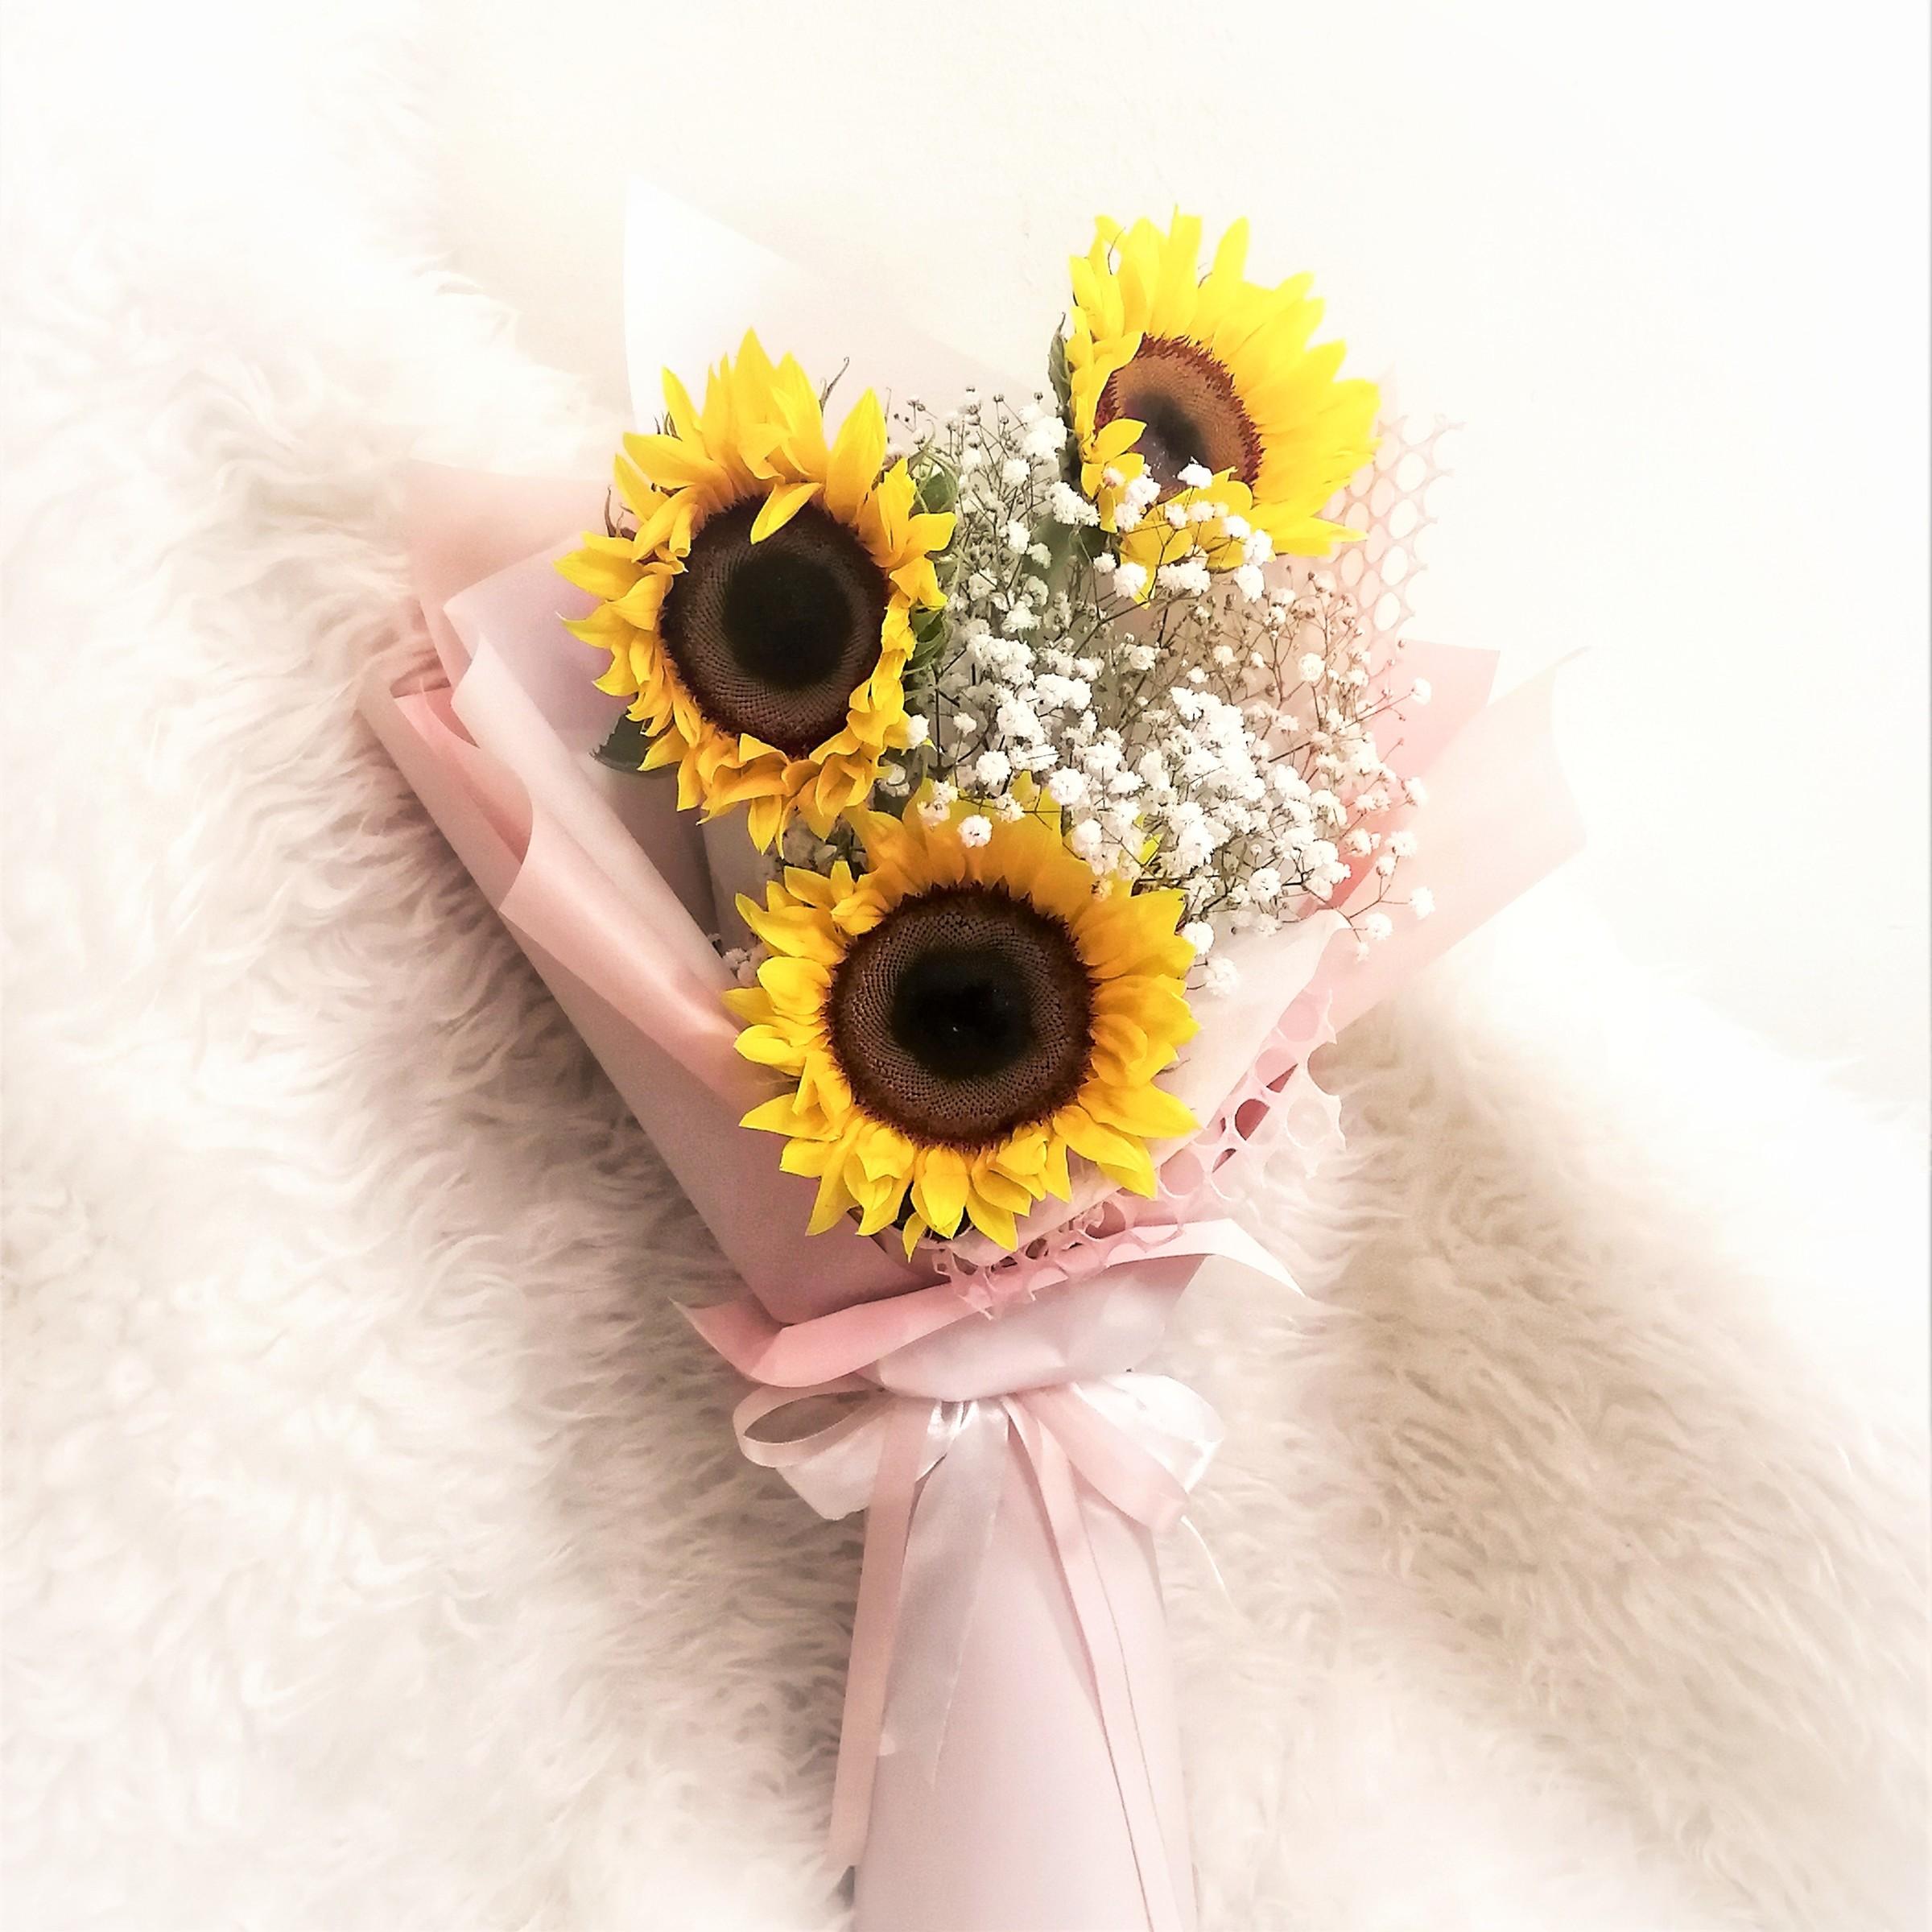 flower delivery kl 10.jpeg